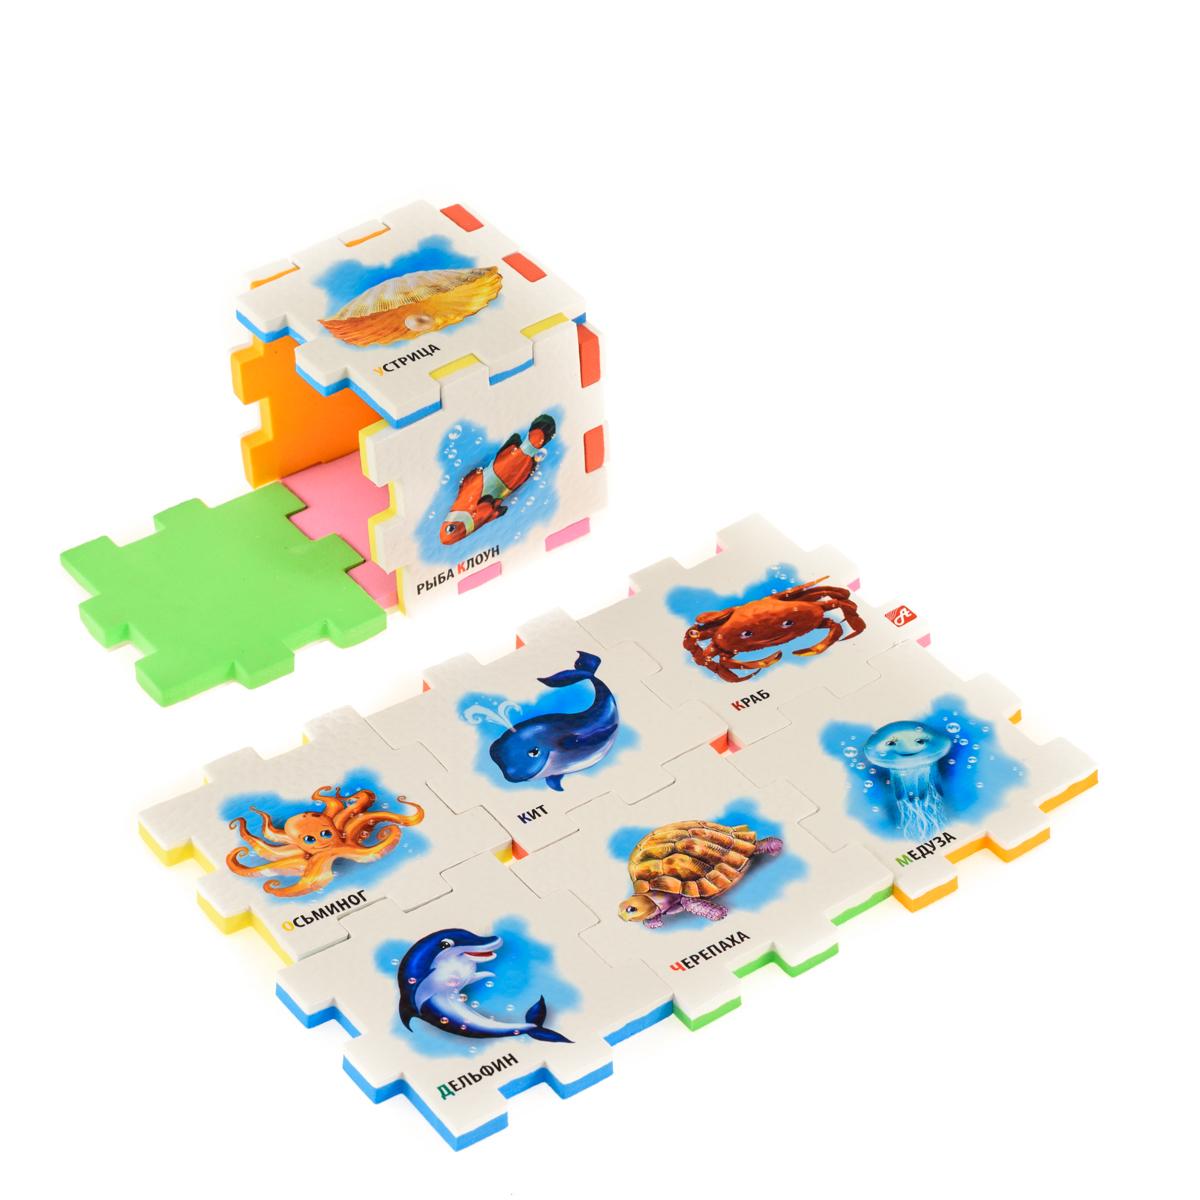 Нескучный кубик Пазл для малышей Морские обитатели282372Развивающее пособие-игрушка призвано в легкой игровой форме помочь ребенку познакомиться с окружающим миром, изучить цвета, формы, развить логическое и ассоциативное мышление. Из деталей кубика можно конструировать не только кубик из 6 элементов! Попробуйте собрать форму побольше — из 10-12 деталей, либо кубик из 24 деталей, у которого каждая сторона будет состоять из 4-х картинок-элементов. Либо вы можете сложить с ребенком необычный коврик из деталей кубика. Позвольте ребенку поиграть самому — он сможет сконструировать разные формы и фигуры, которые подскажет ему его воображение. С детьми постарше можно заниматься изучением иностранных языков в игровой форме.